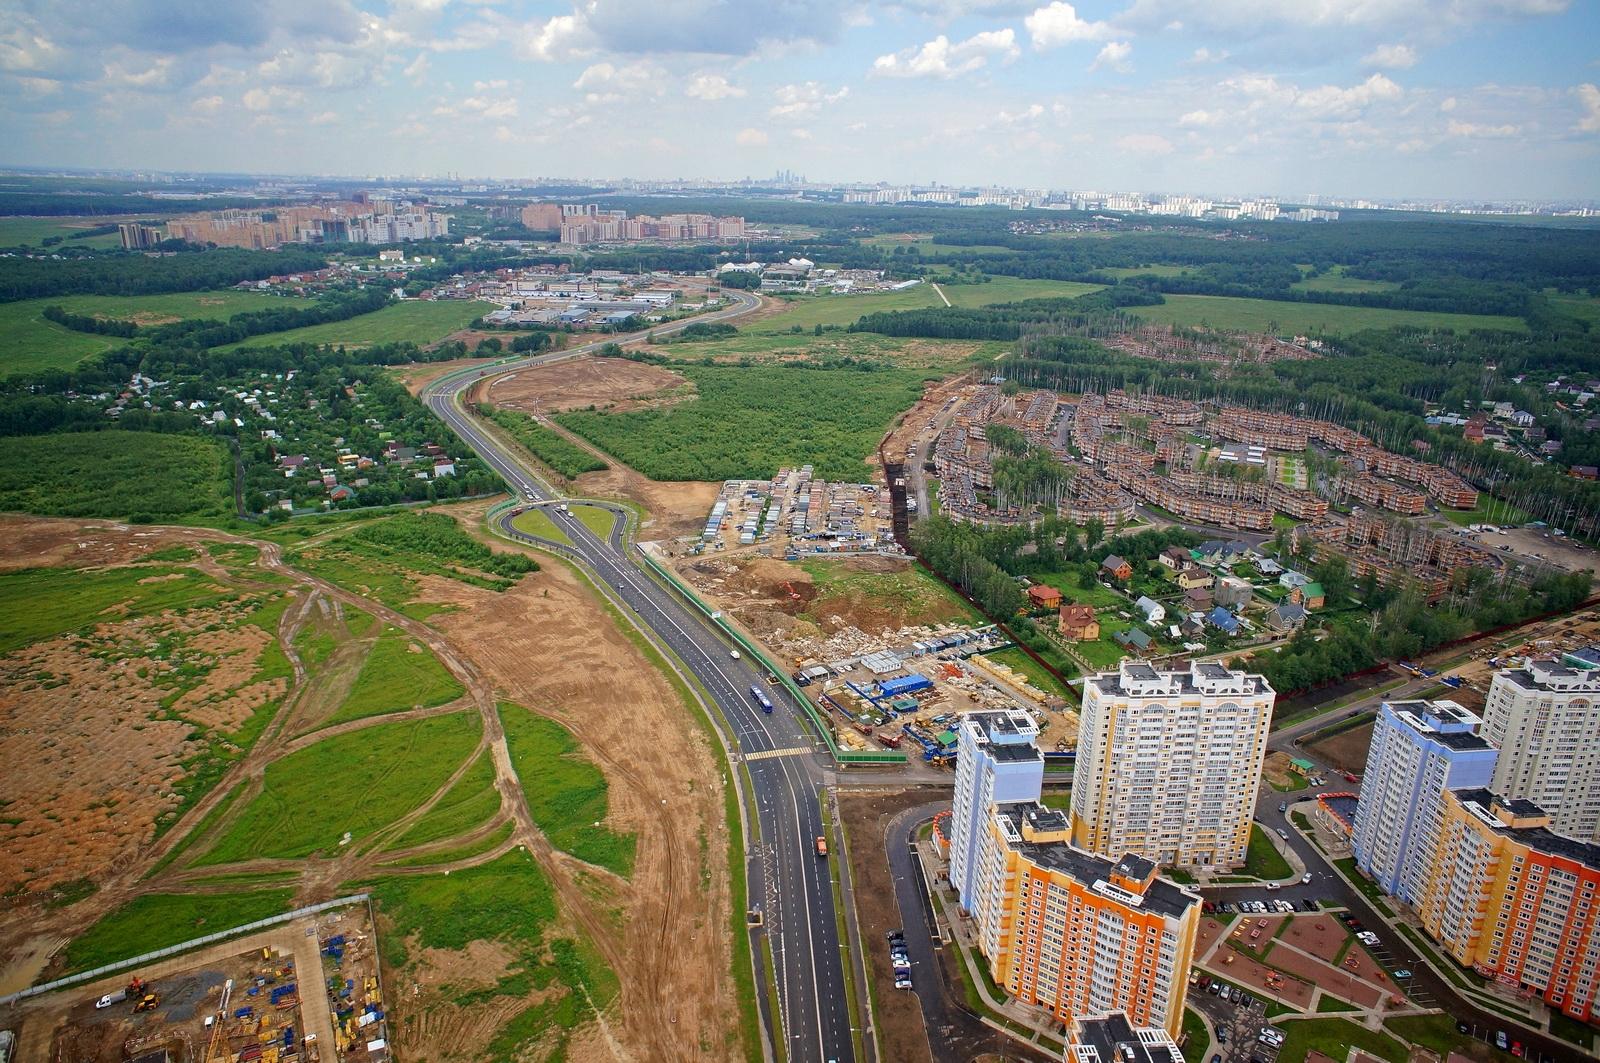 К 2035 году протяженность дорог в новой Москве увеличится вдвое